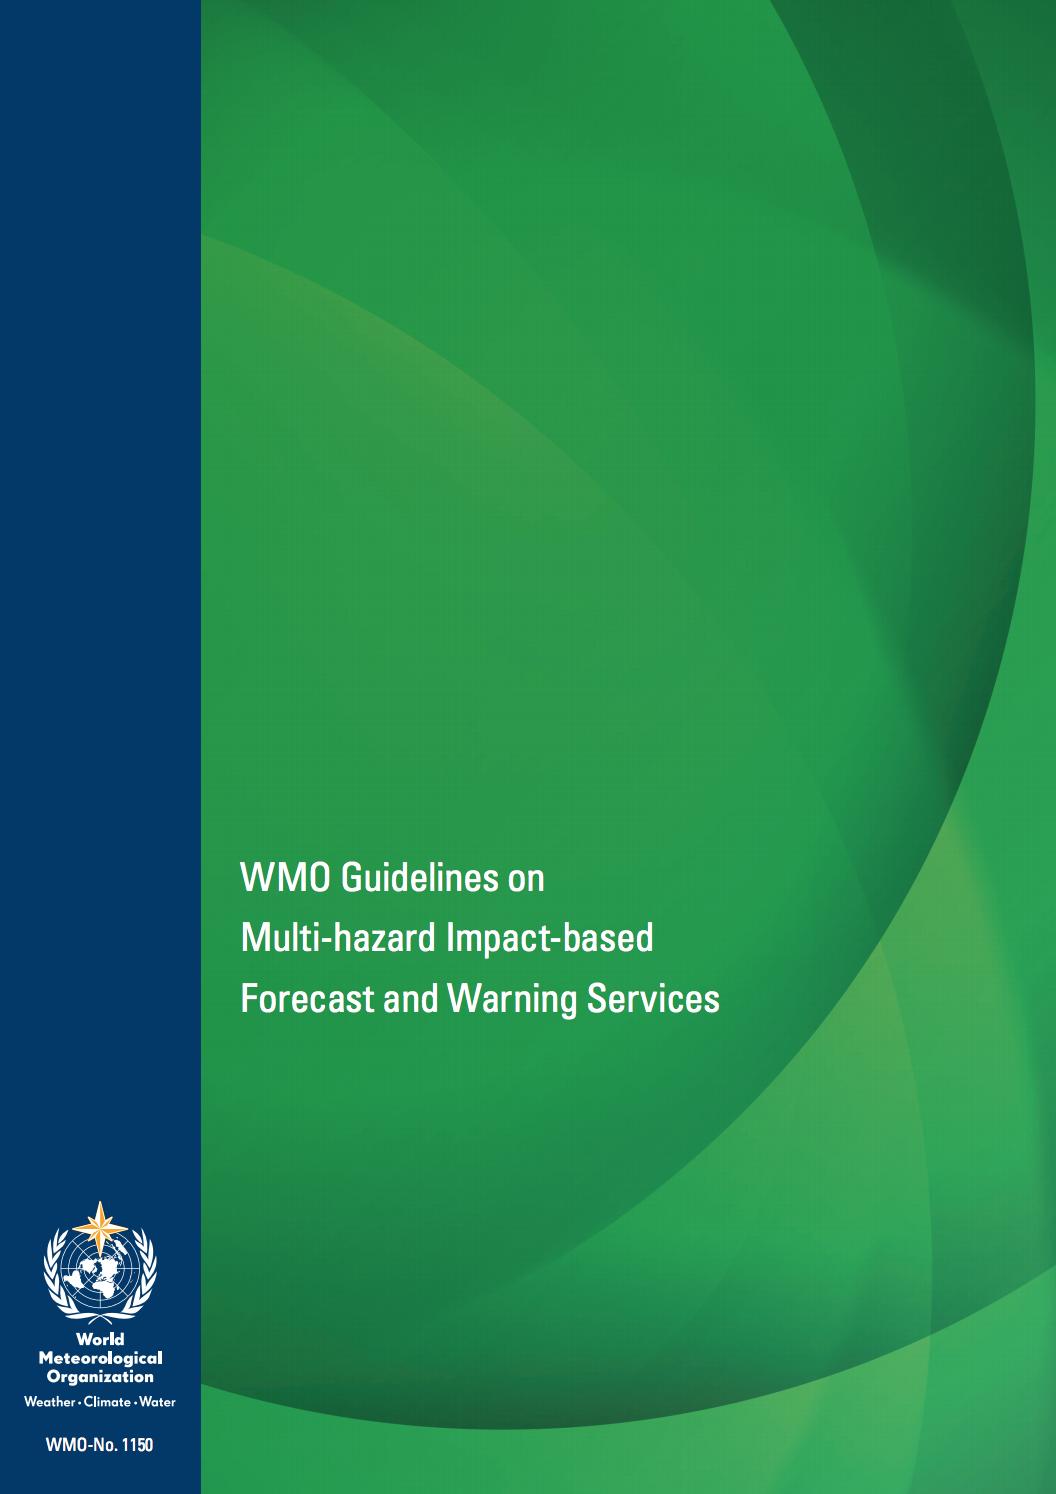 Multi-Hazard Impact-based Forecasts & Warning Services